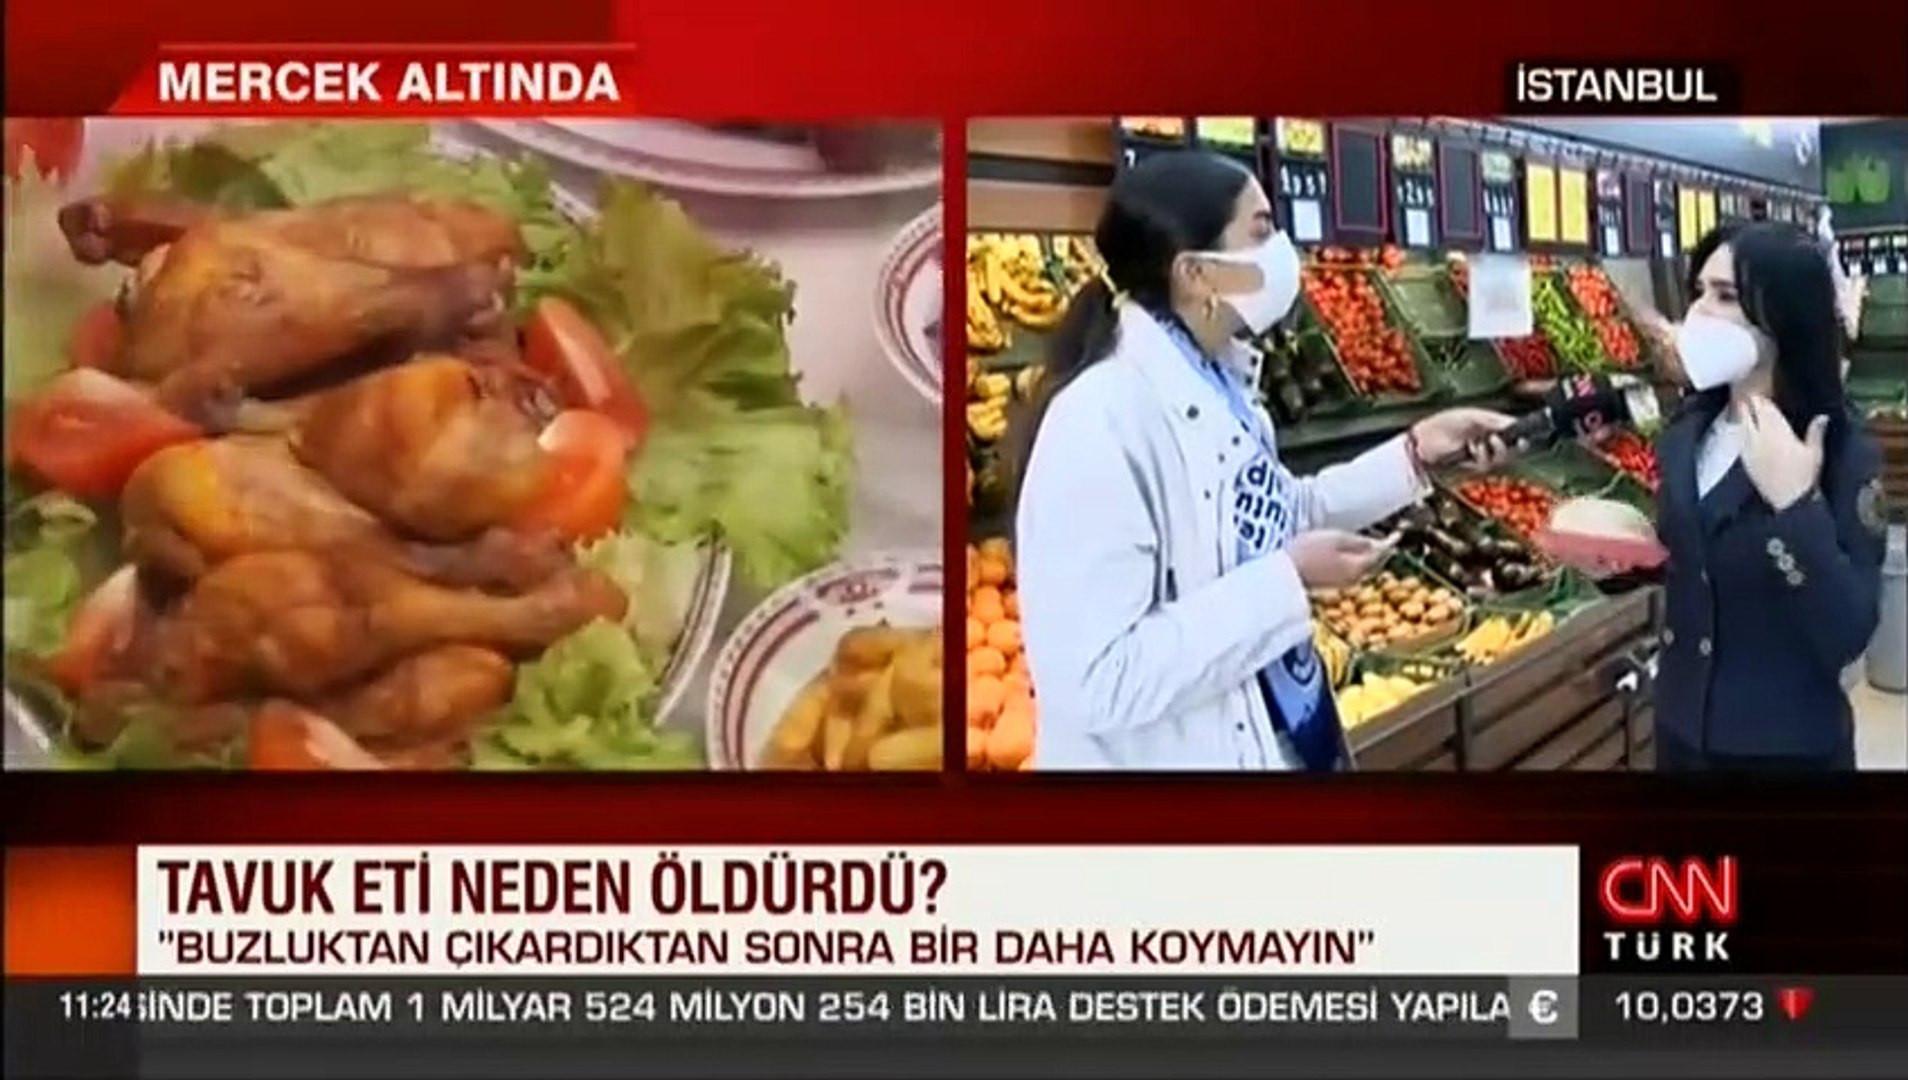 Tavuk etinden iki kişi öldü... Uzman isimden kritik uyarılar